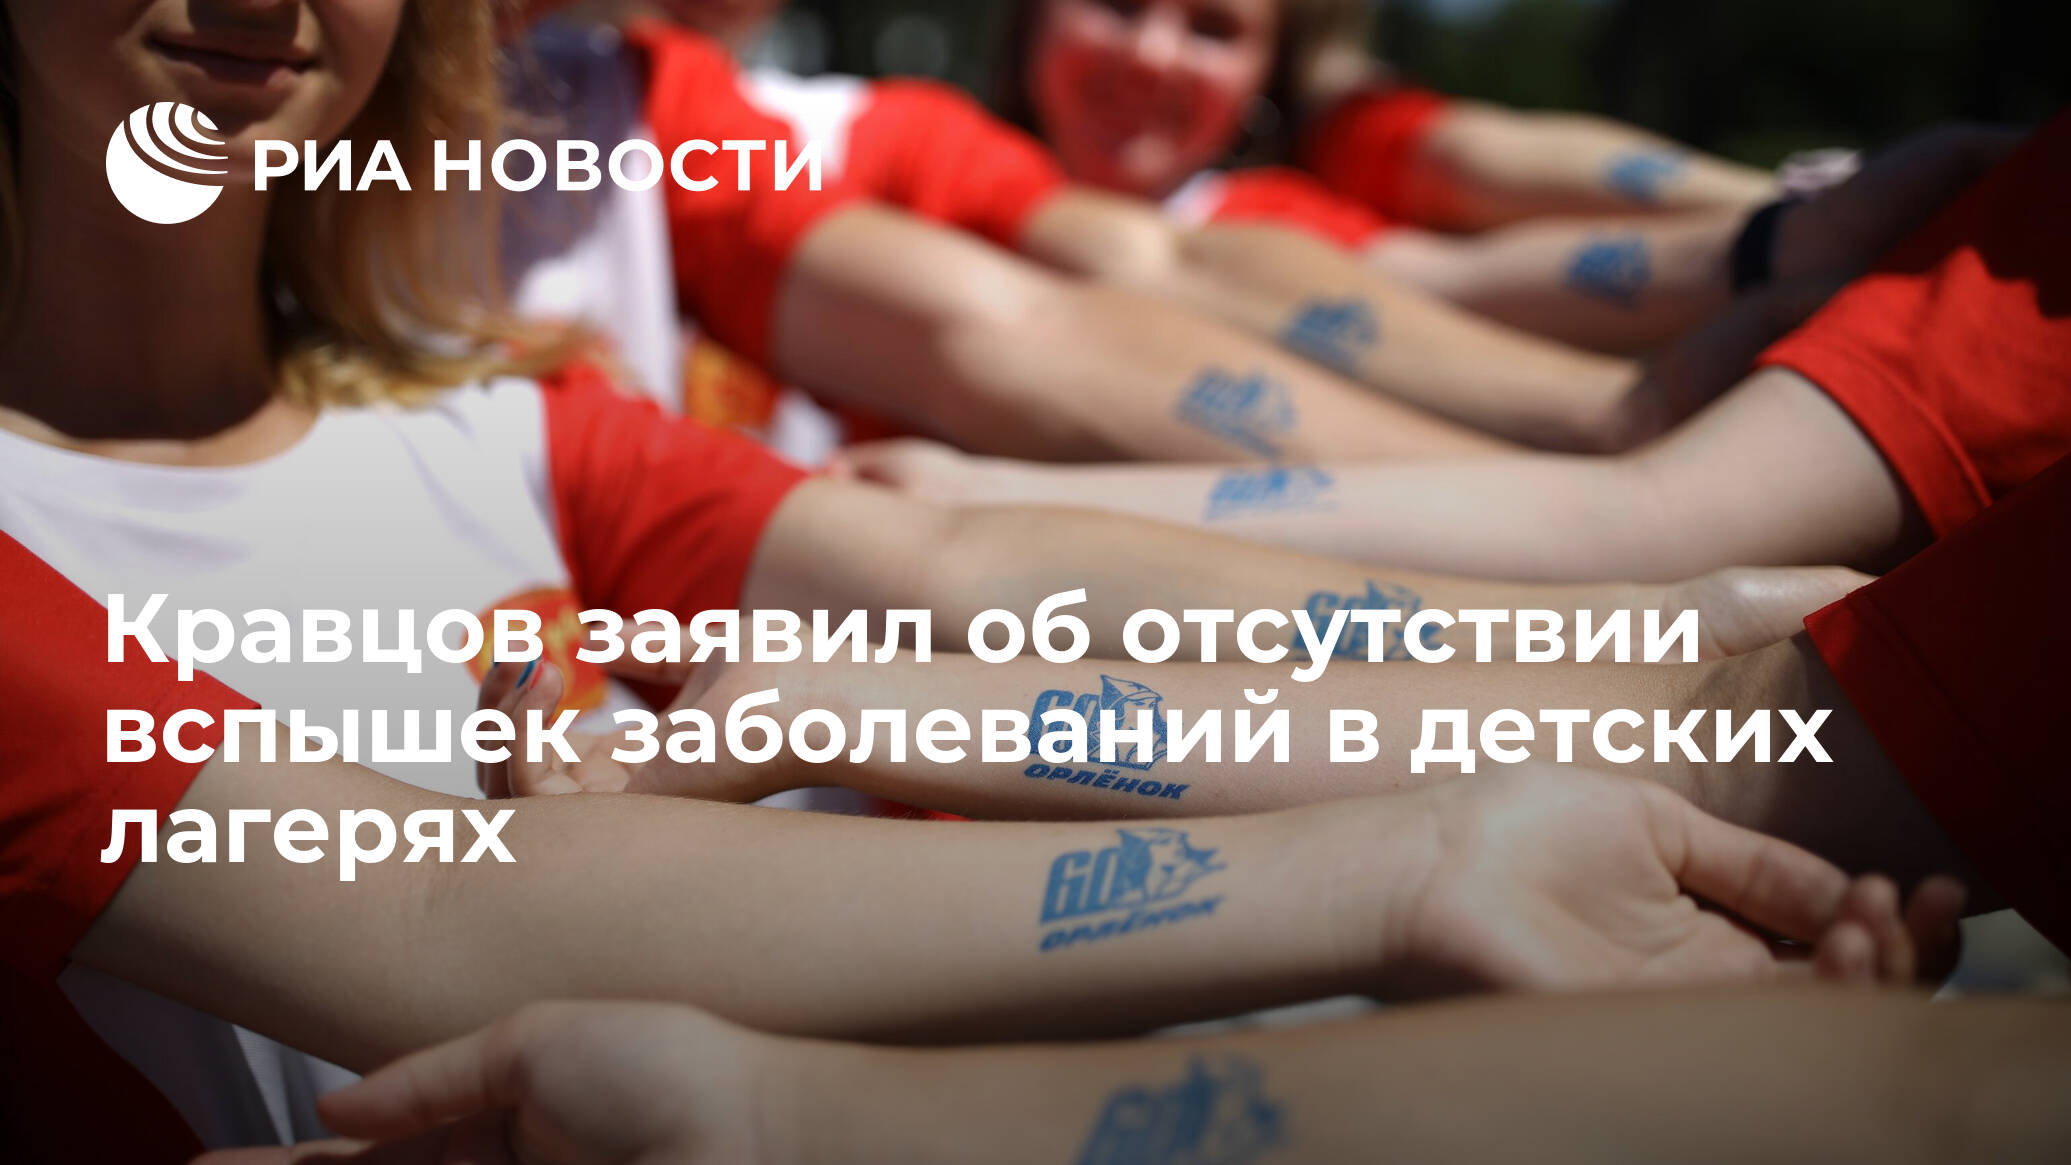 Кравцов заявил об отсутствии вспышек заболеваний в детских лагерях